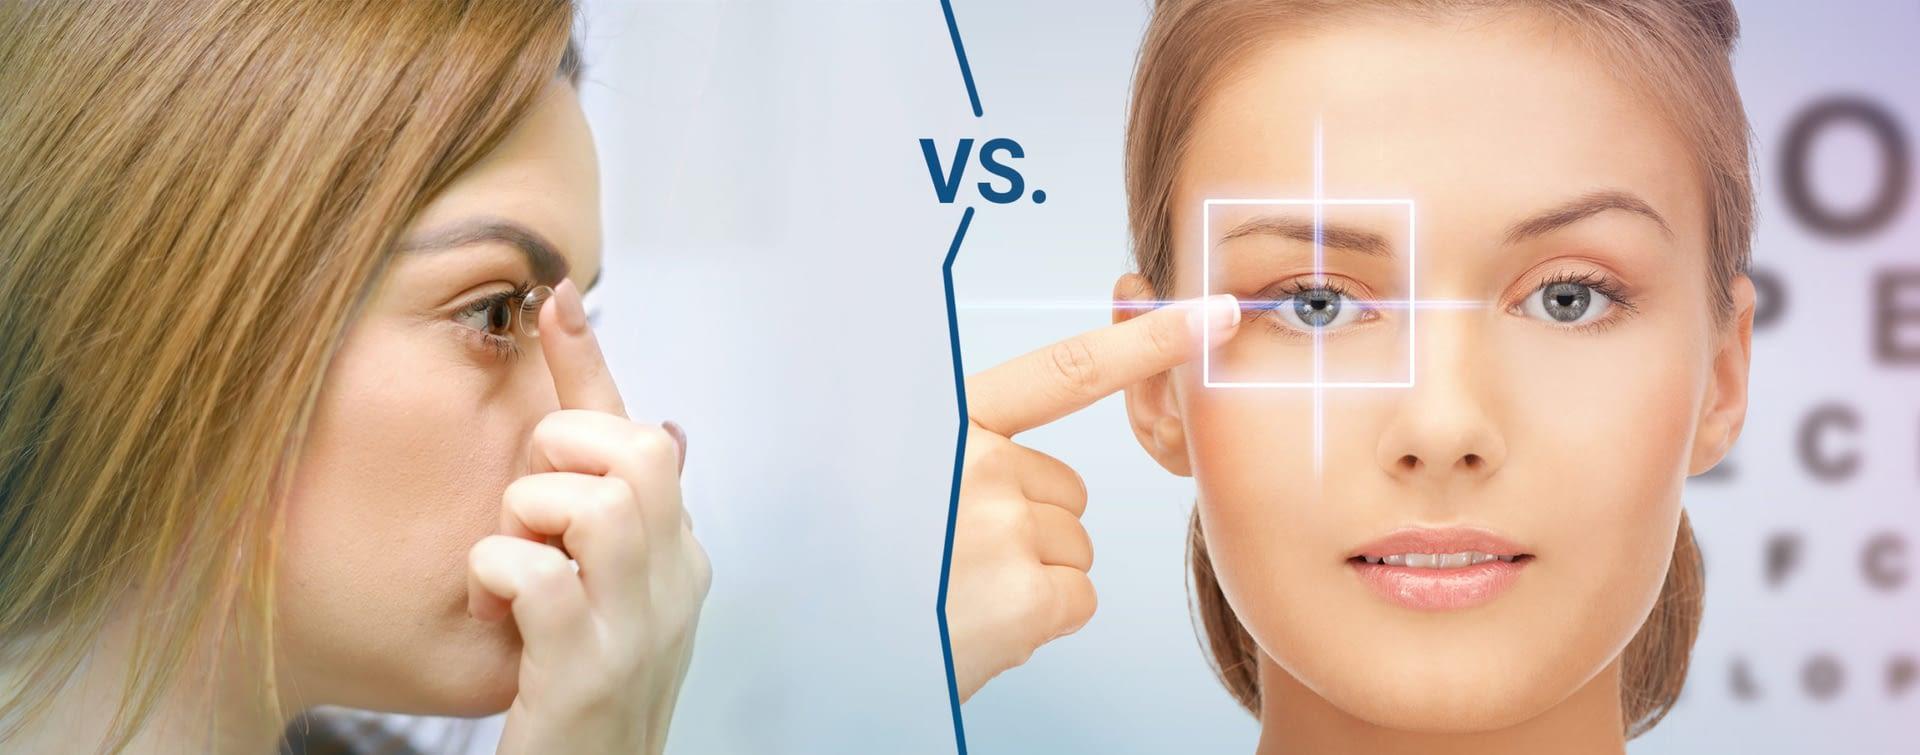 kontaktlinseVsLaserHD-scaled